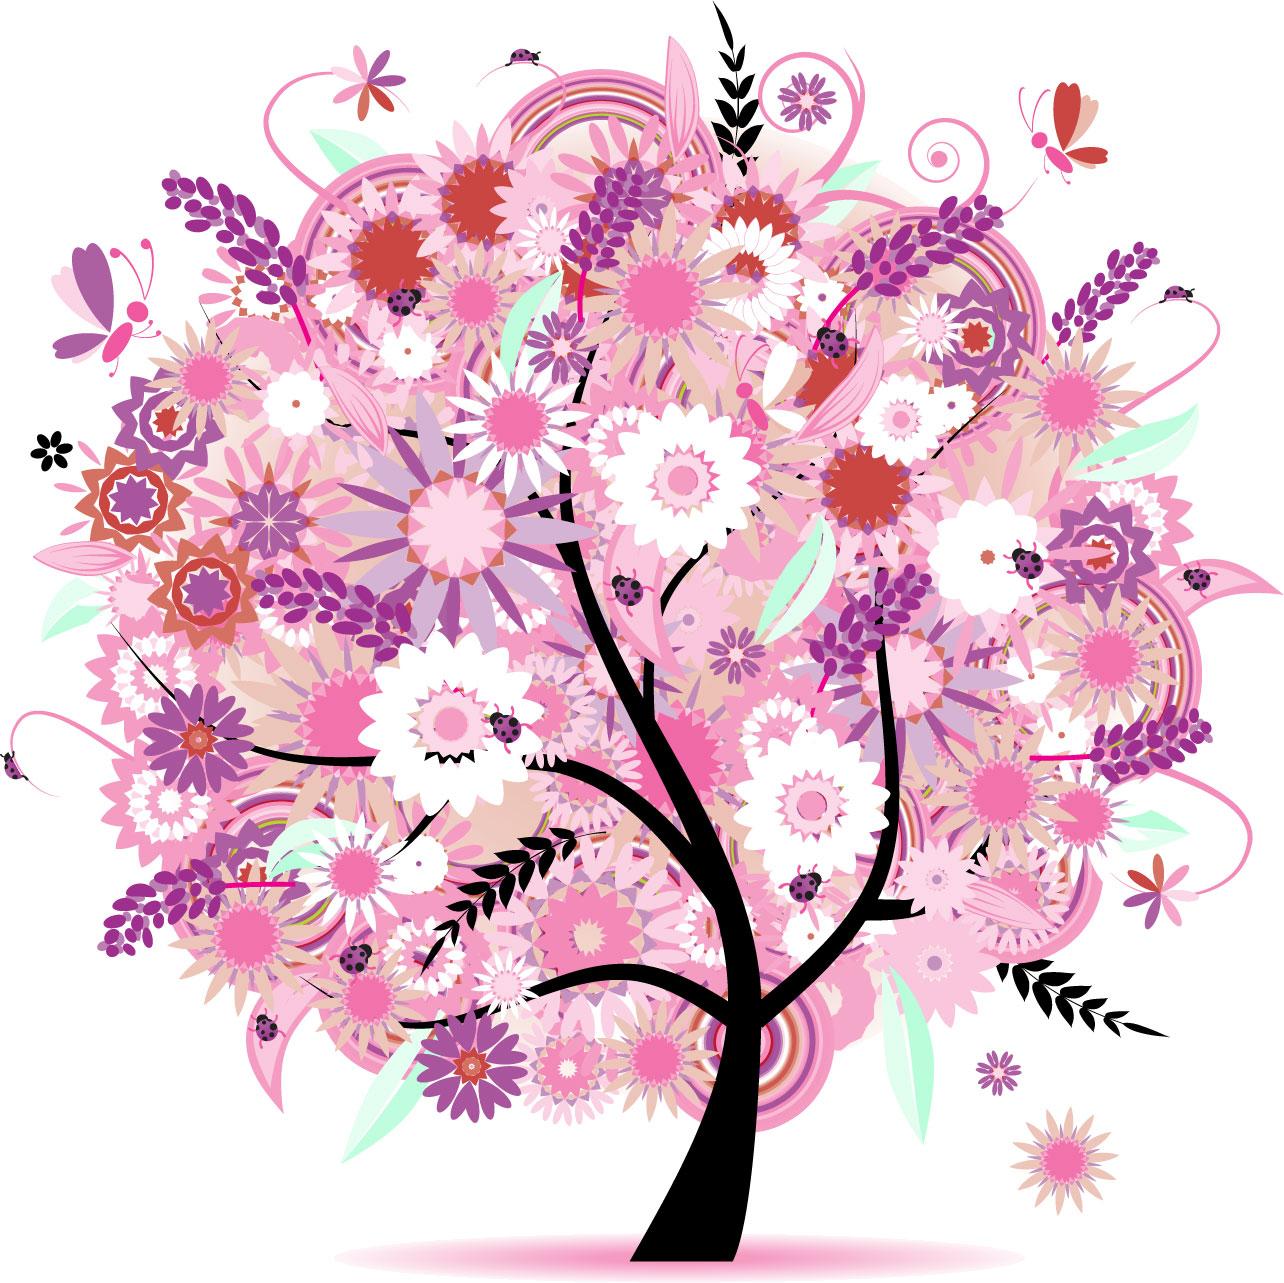 ポップでかわいい花のイラストフリー素材no270春の樹木と蝶